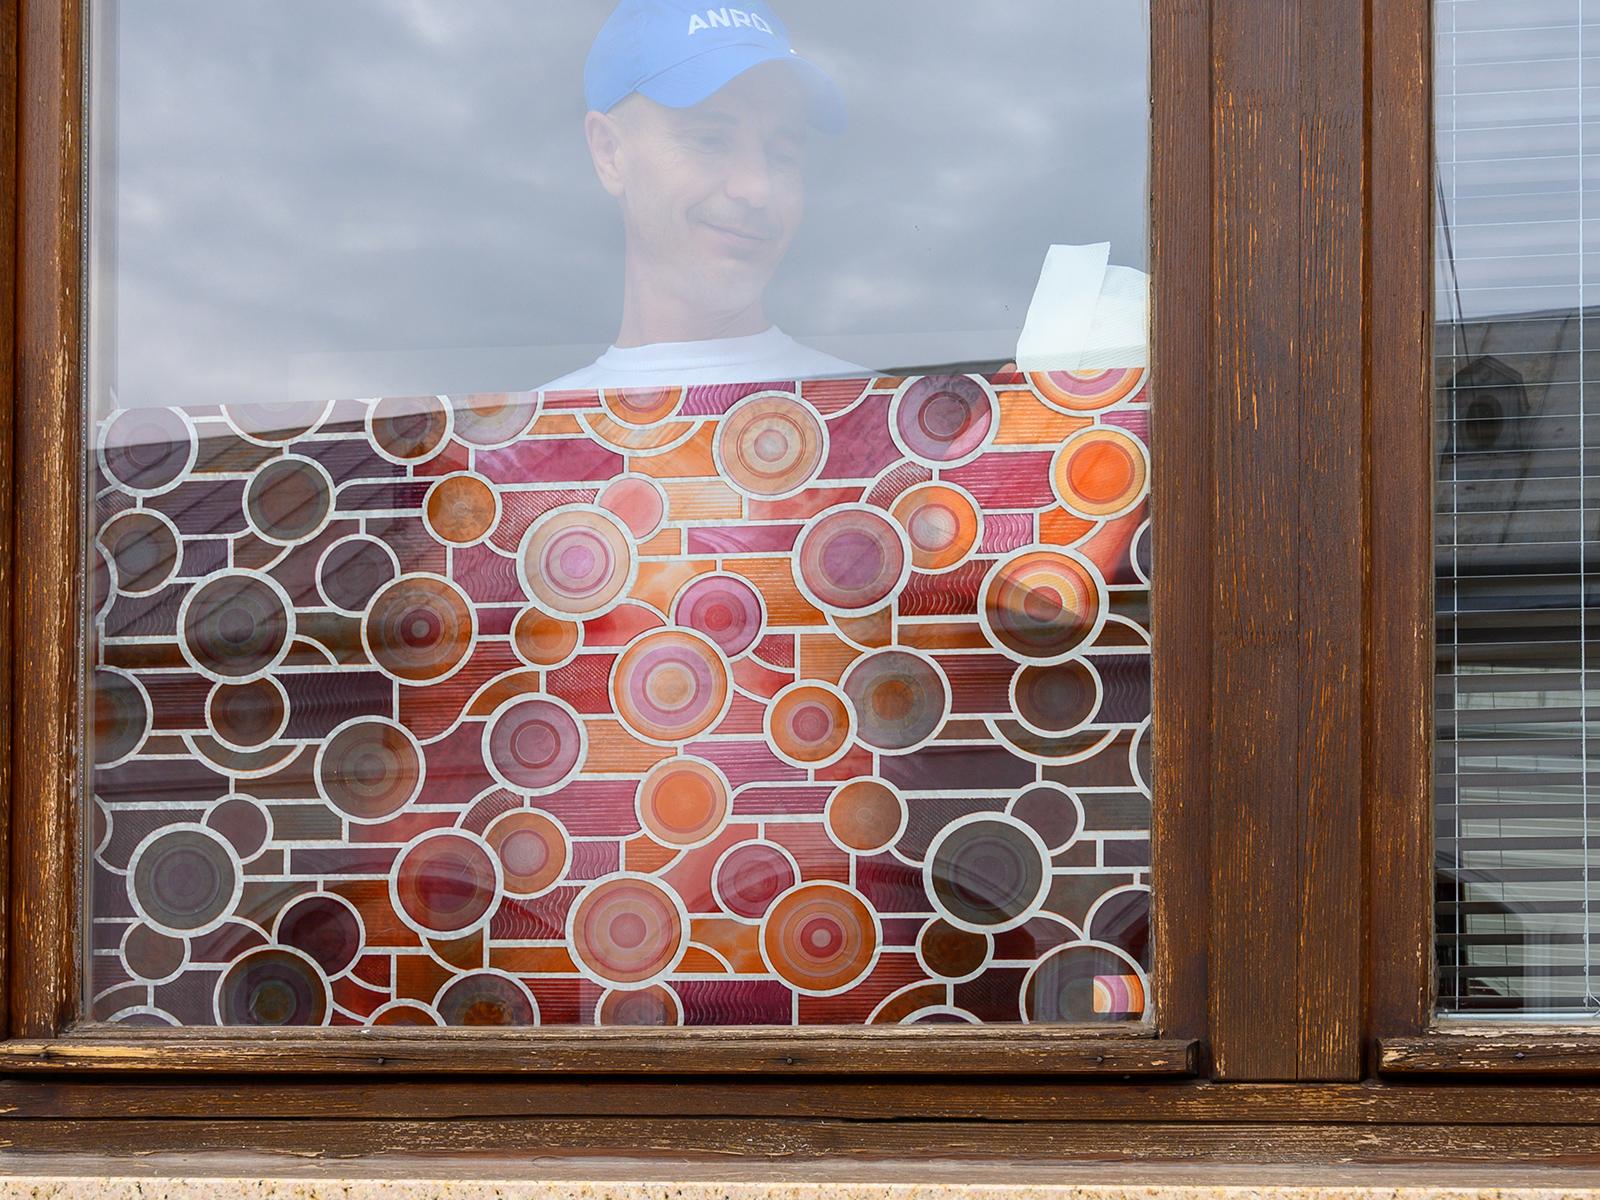 A színes ablakfólia jelentősen lecsökkenti az átlátást, belülről kifelé és kívülről befelé is.